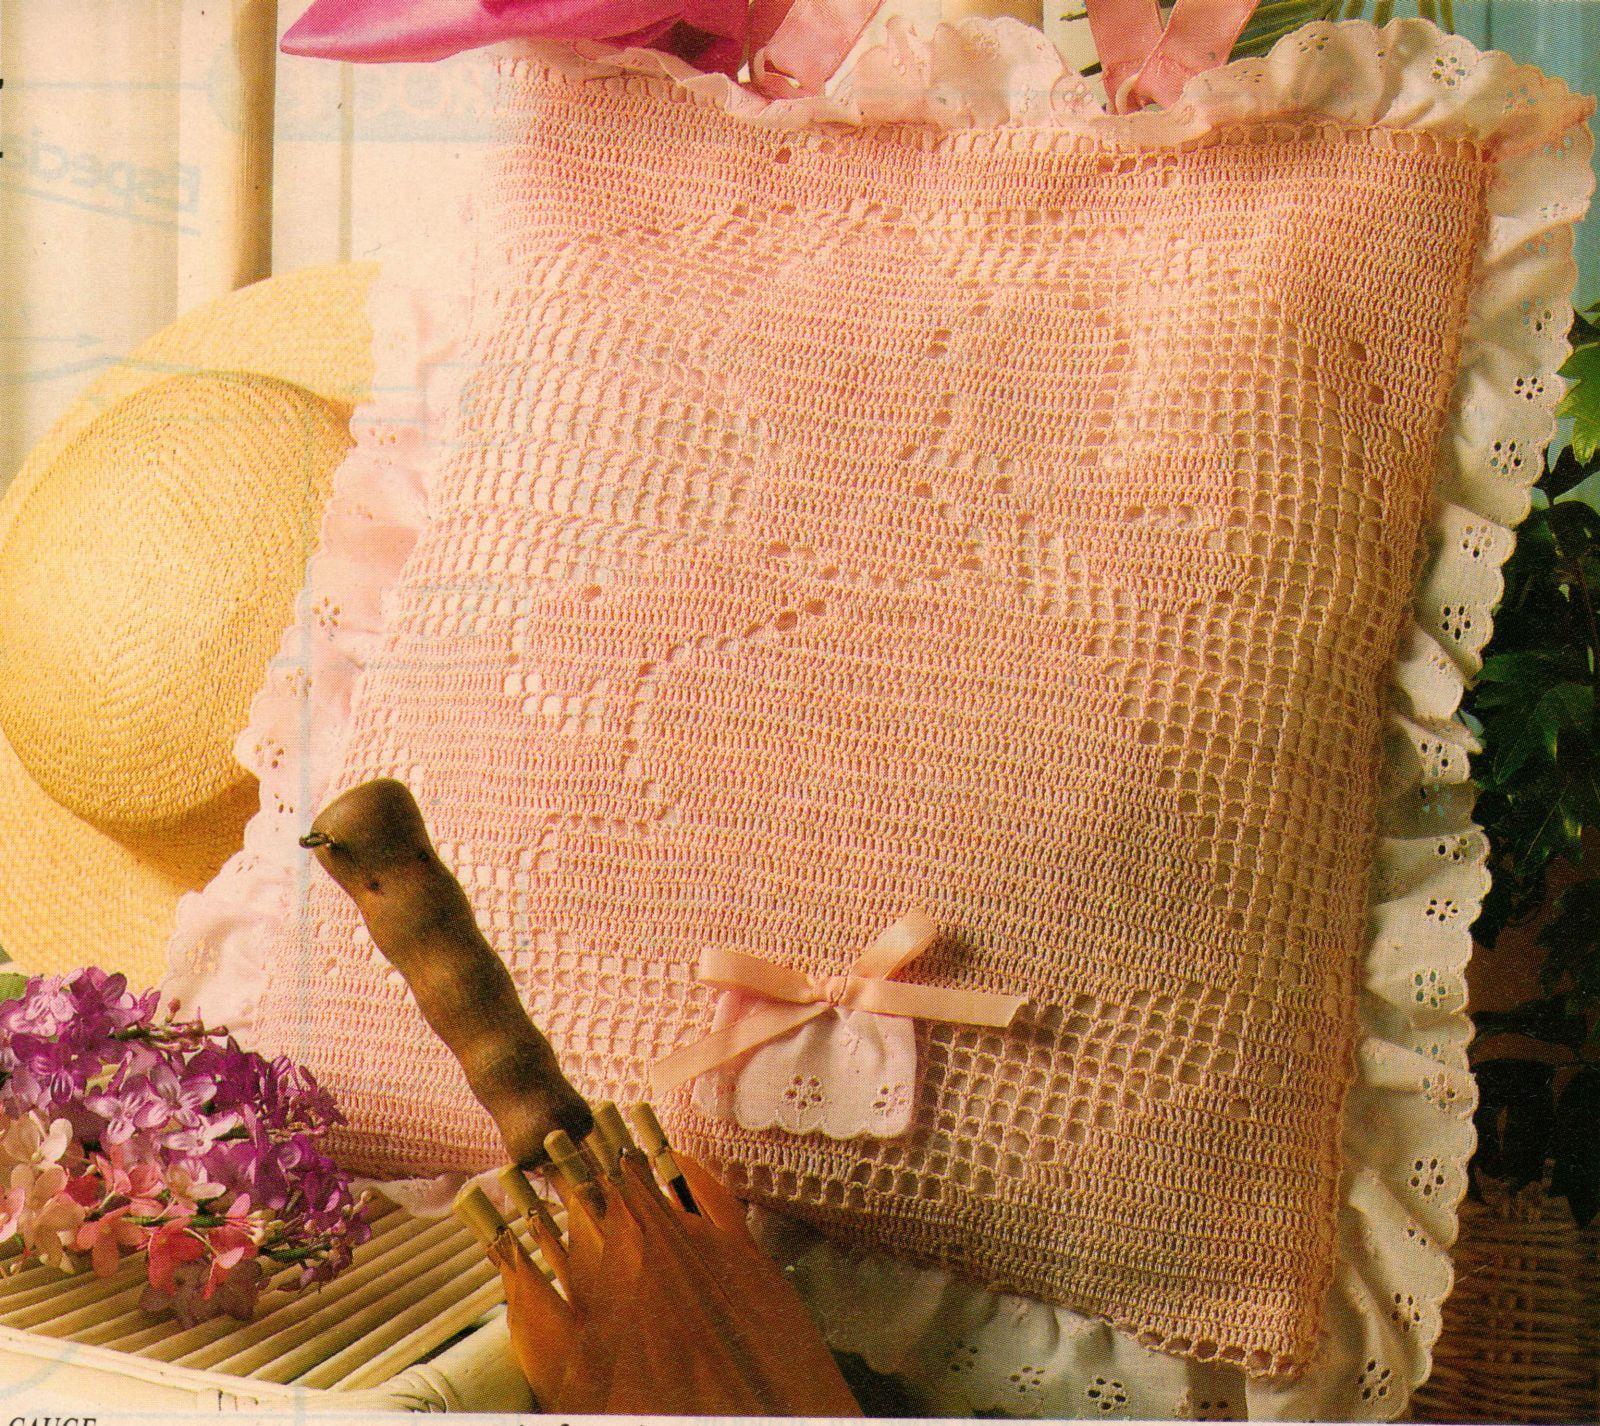 Little Miss Muffet Carryall Tote Peter Pan Collar Shell Cardigan Crochet Pattern